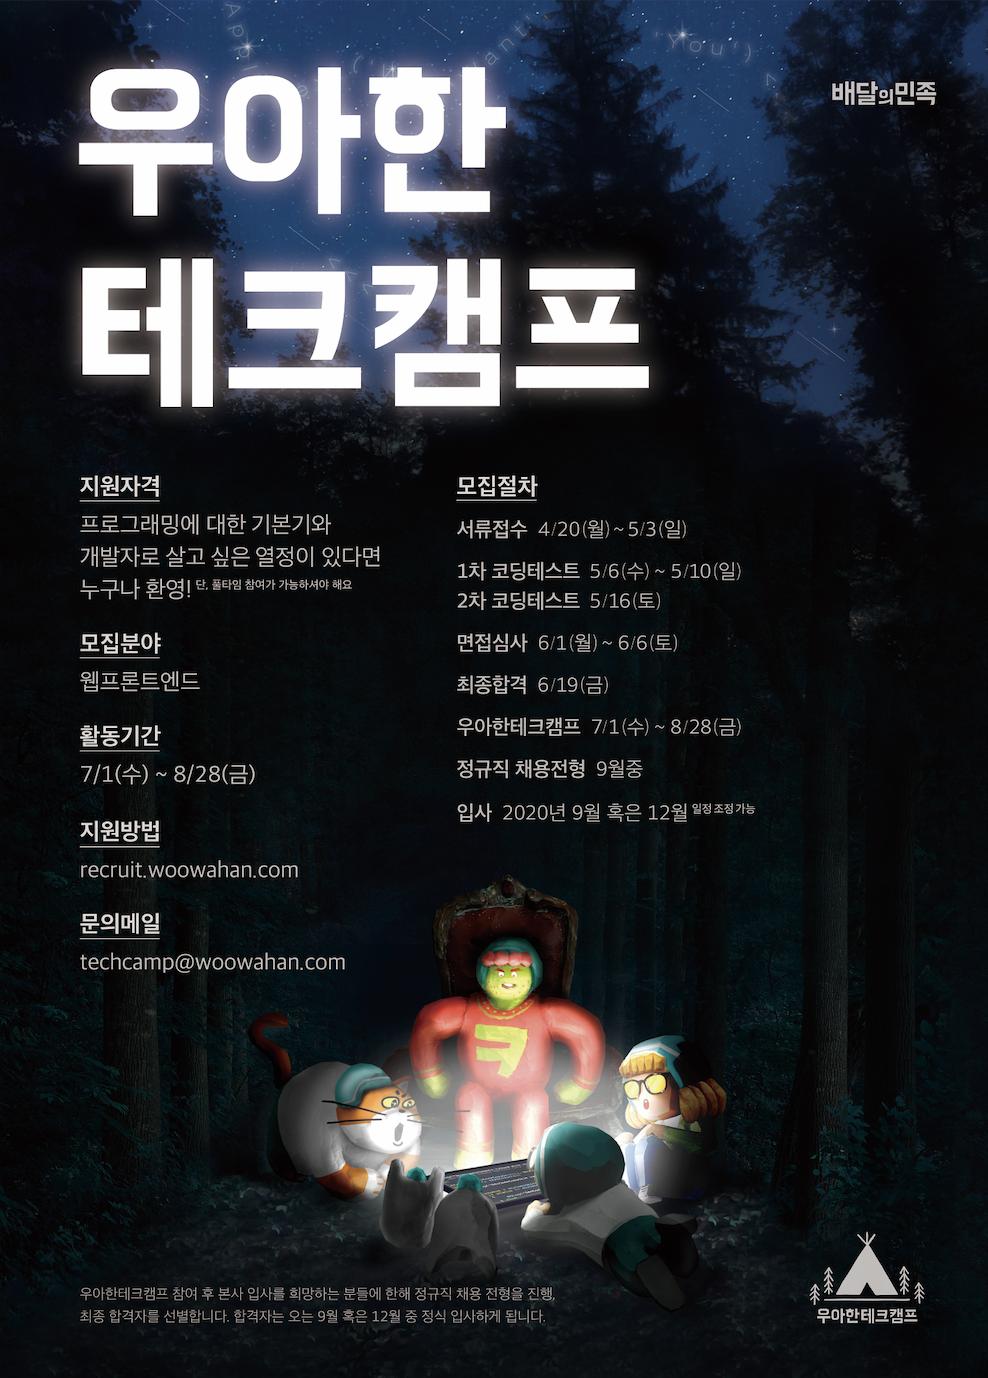 2020 상반기_우아한형제들_우아한테크캠프_포스터 이미지.png